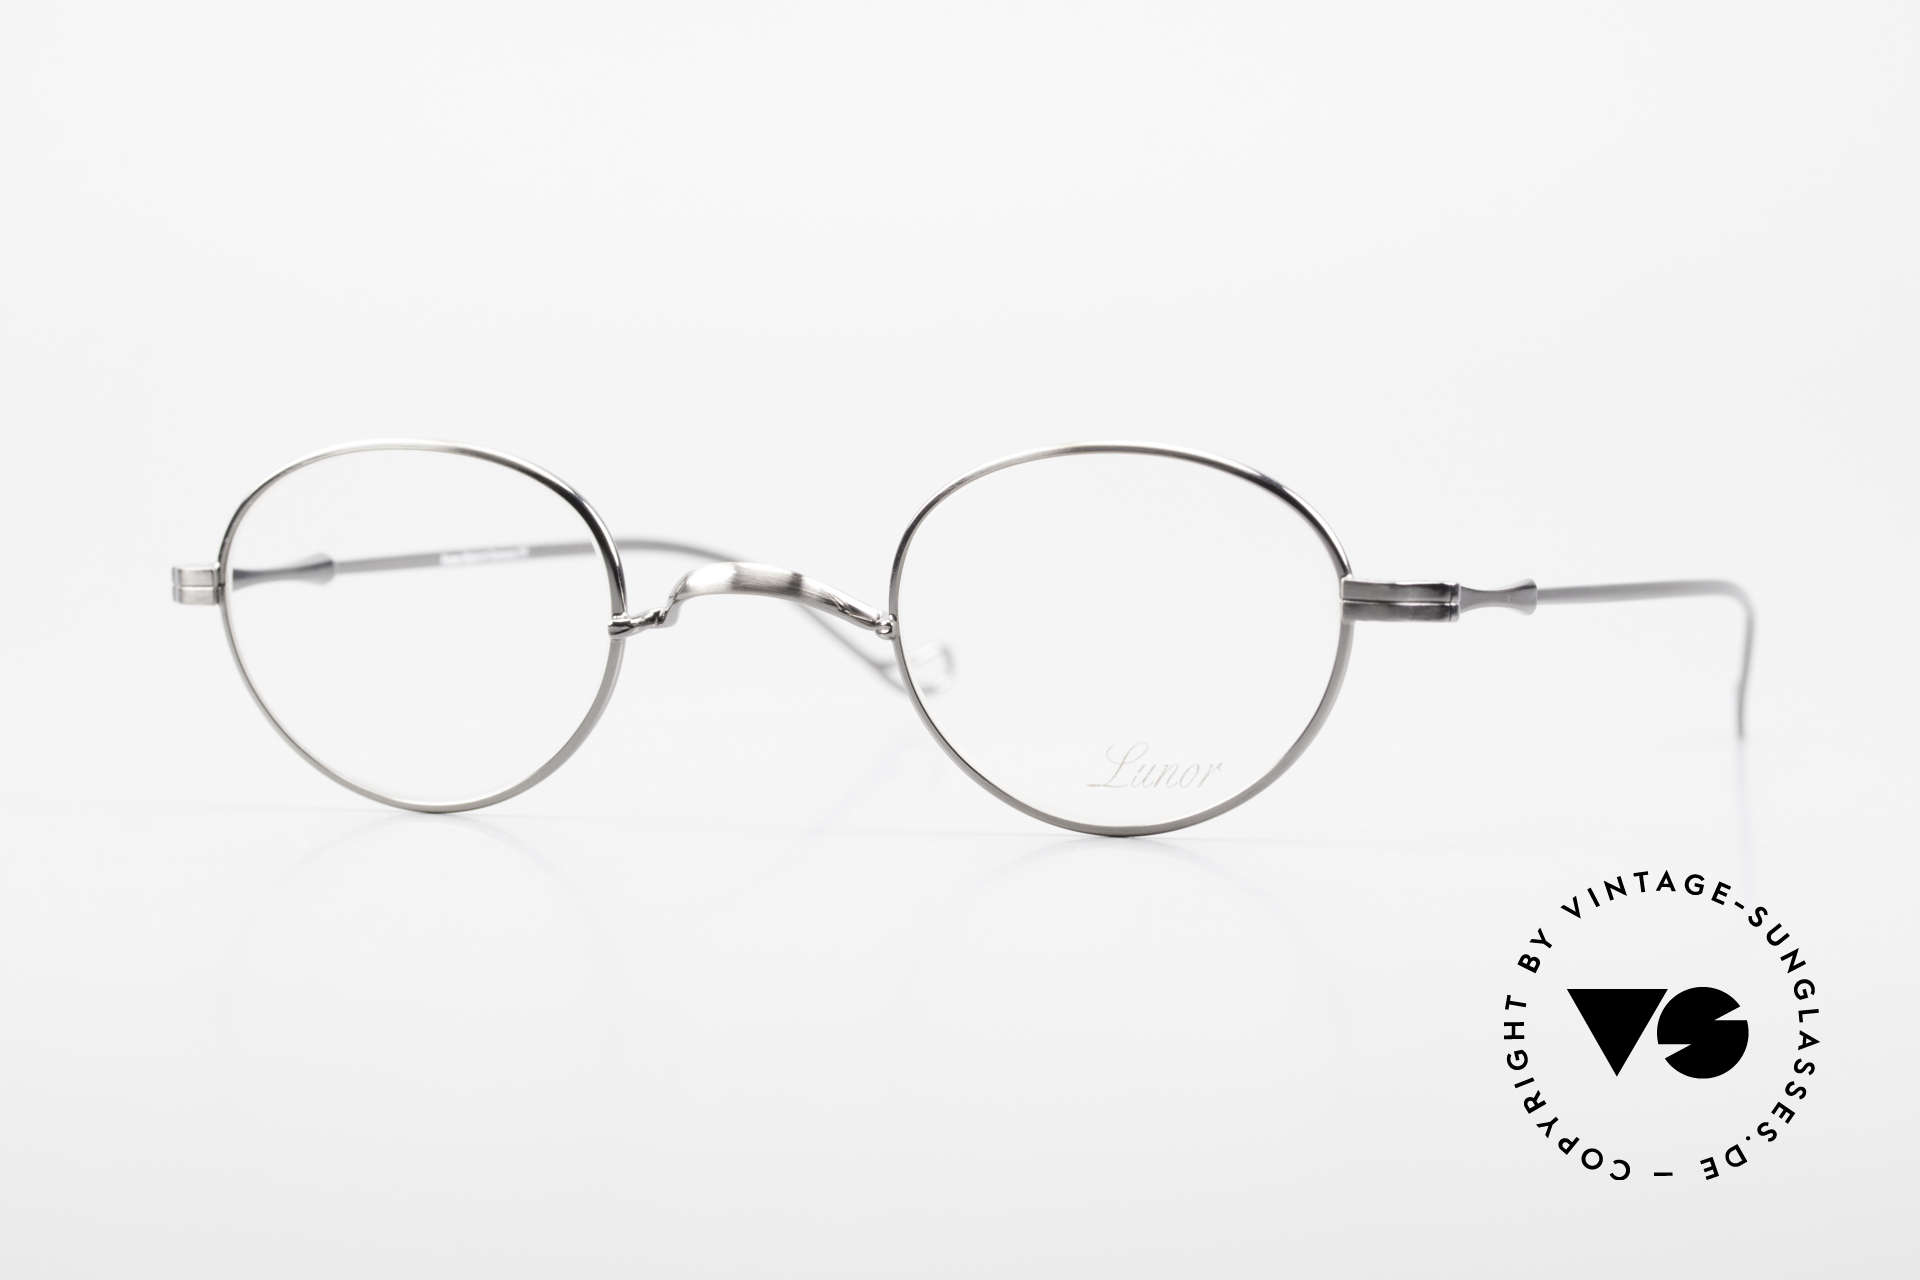 """Lunor II 20 Lunor Brille Klein Unisex 90er, vintage Lunor Brille aus der alten Lunor """"II"""" Serie, Passend für Herren und Damen"""